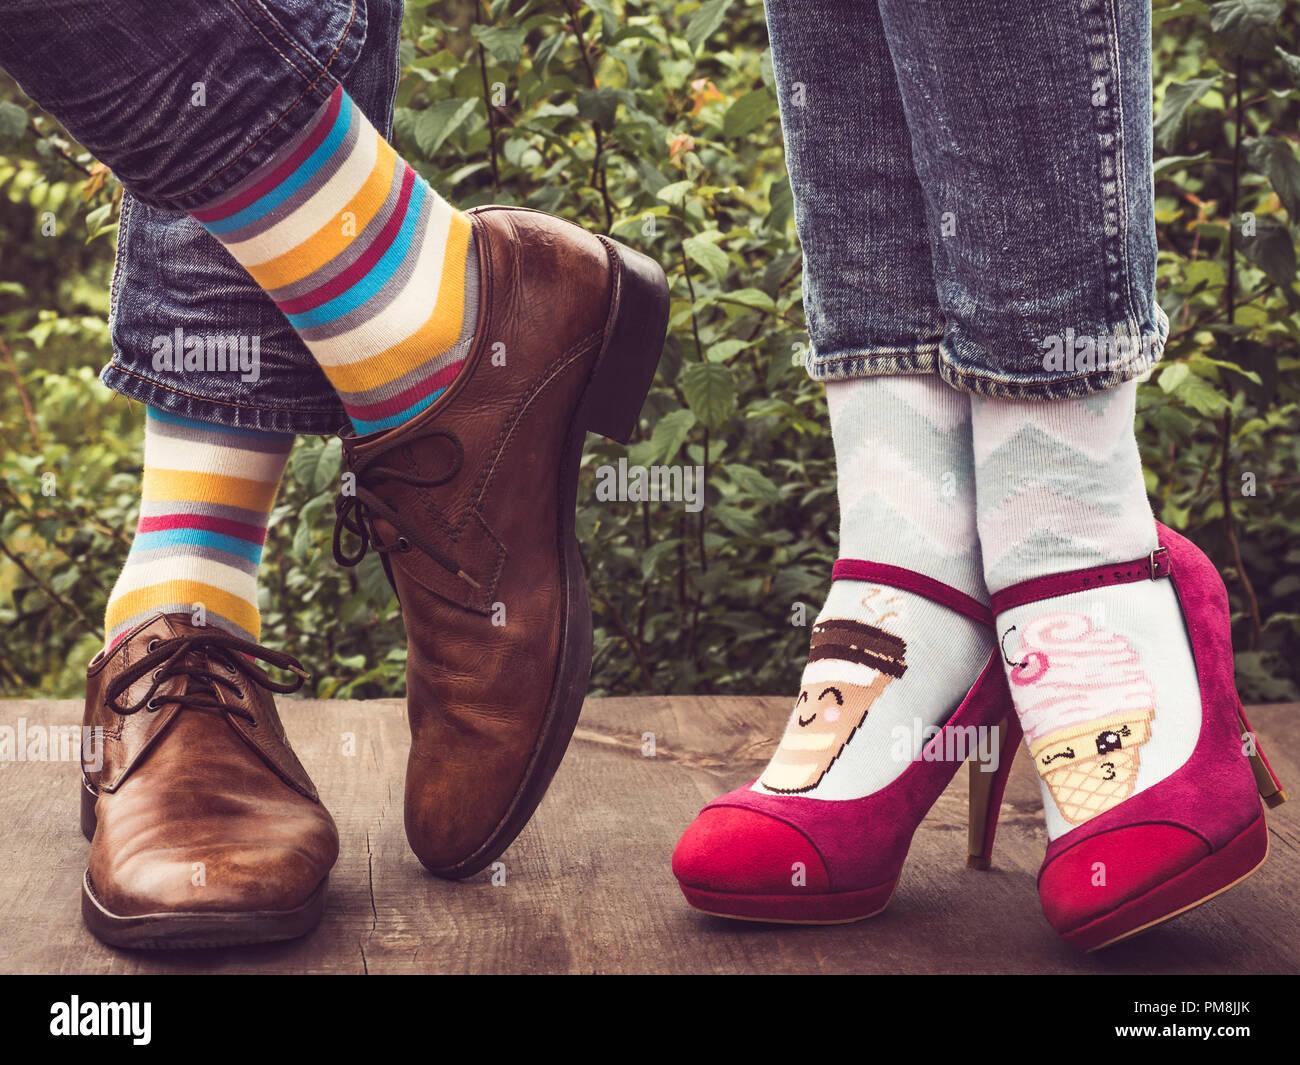 a4413c1262b2 Männer und Frauen Füße in schicke Schuhe, helle, farbenfrohe Socken mit  Streifen Muster und Bilder von Eis auf der Holzterrasse im backgroun